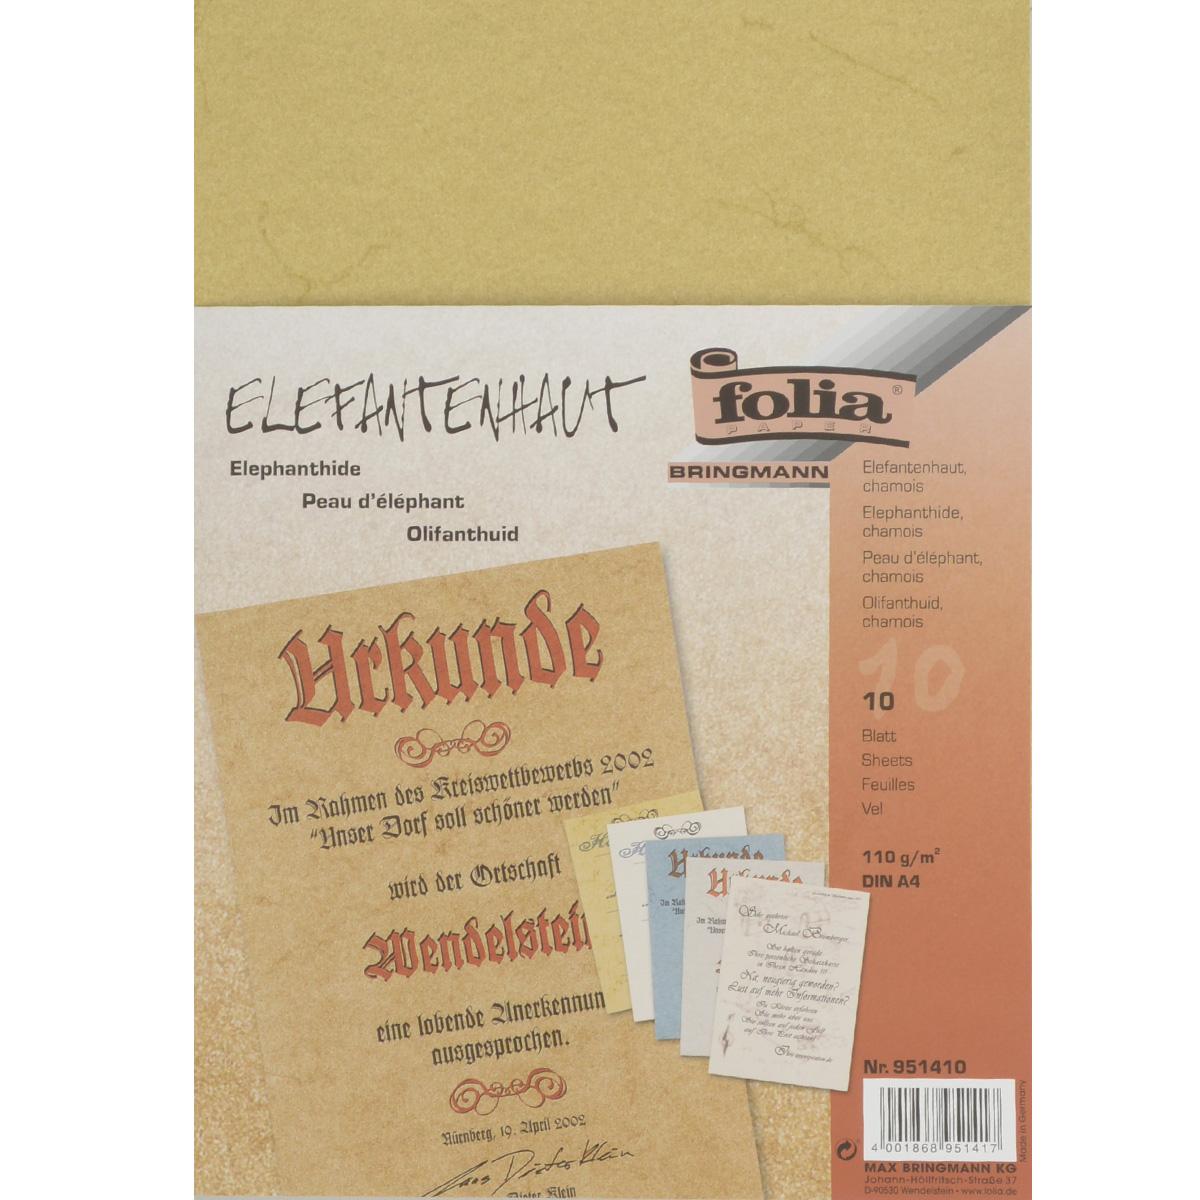 Бумага с имитацией пергамента Folia, цвет: бежевый, A4, 10 лC0042415Гладкая тонированная дизайнерская бумага Folia с имитацией окрашенного пергамента идеальна для изготовления оригинальных визиток, папок, календарей, презентационной продукции. Также бумага прекрасно подойдет для оформления творческих работ в технике скрапбукинг. Ее можно использовать для украшения фотоальбомов, скрап-страничек, подарков, конвертов, фоторамок, открыток и многого другого. В наборе - 10 листов.Скрапбукинг - это хобби, которое способно приносить массу приятных эмоций не только человеку, который этим занимается, но и его близким, друзьям, родным. Это невероятно увлекательное занятие, которое поможет вам сохранить наиболее памятные и яркие моменты вашей жизни, а также интересно оформить интерьер дома.Плотность бумаги: 110 г/м2.Размер листа: 21 см х 29,5 см.Формат листа: A4.